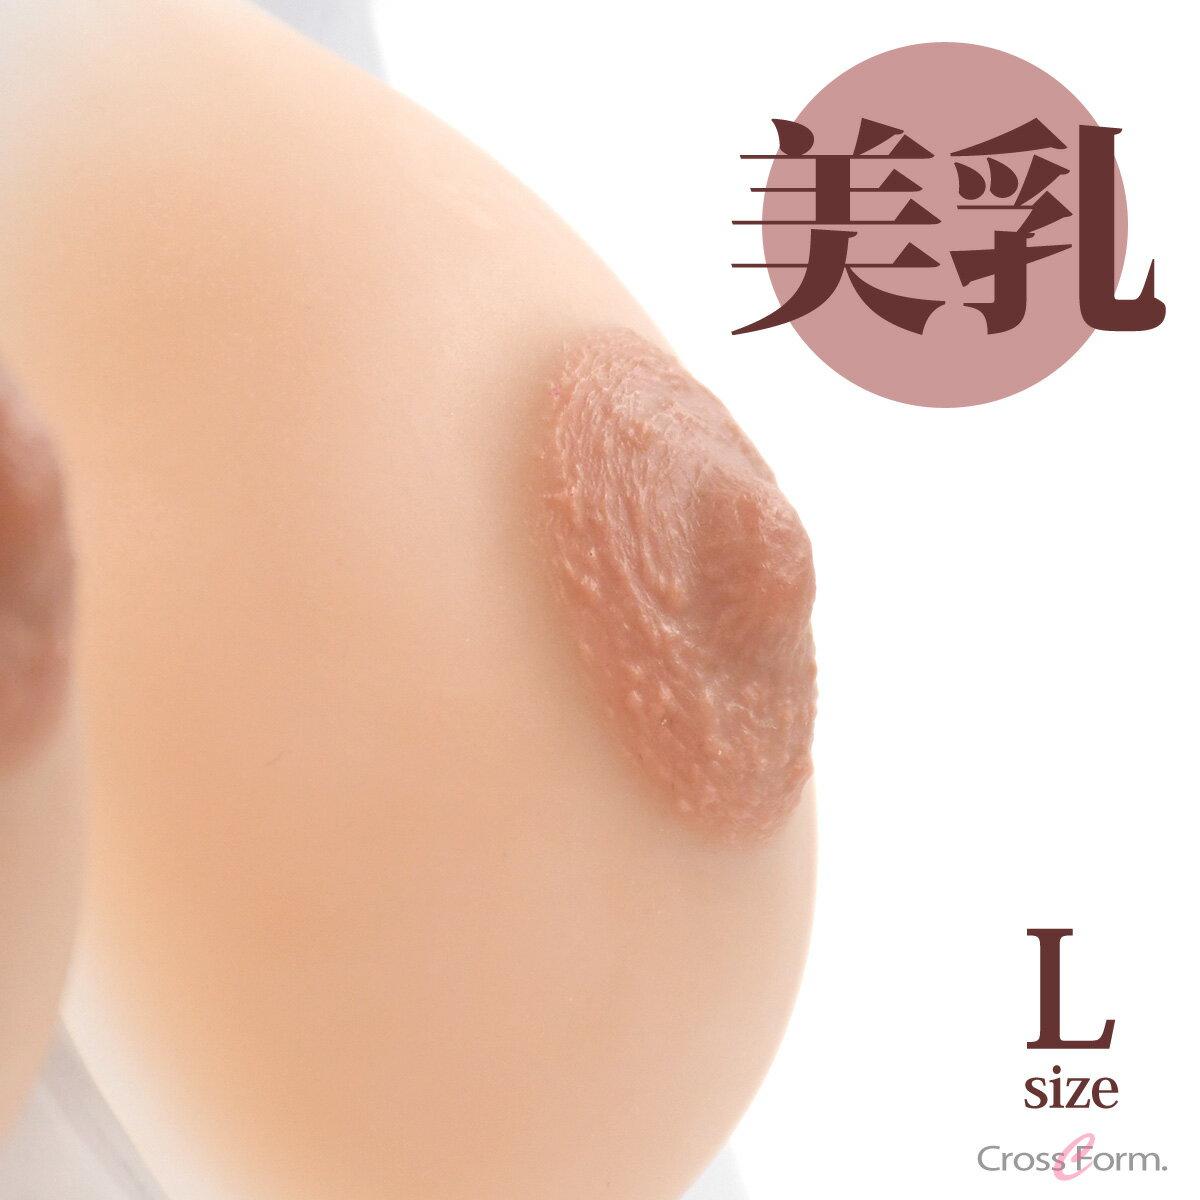 ビーナス venus 人工乳房 ブレストフォーム シリコンフォーム シークレット Lサイズ 左右セット